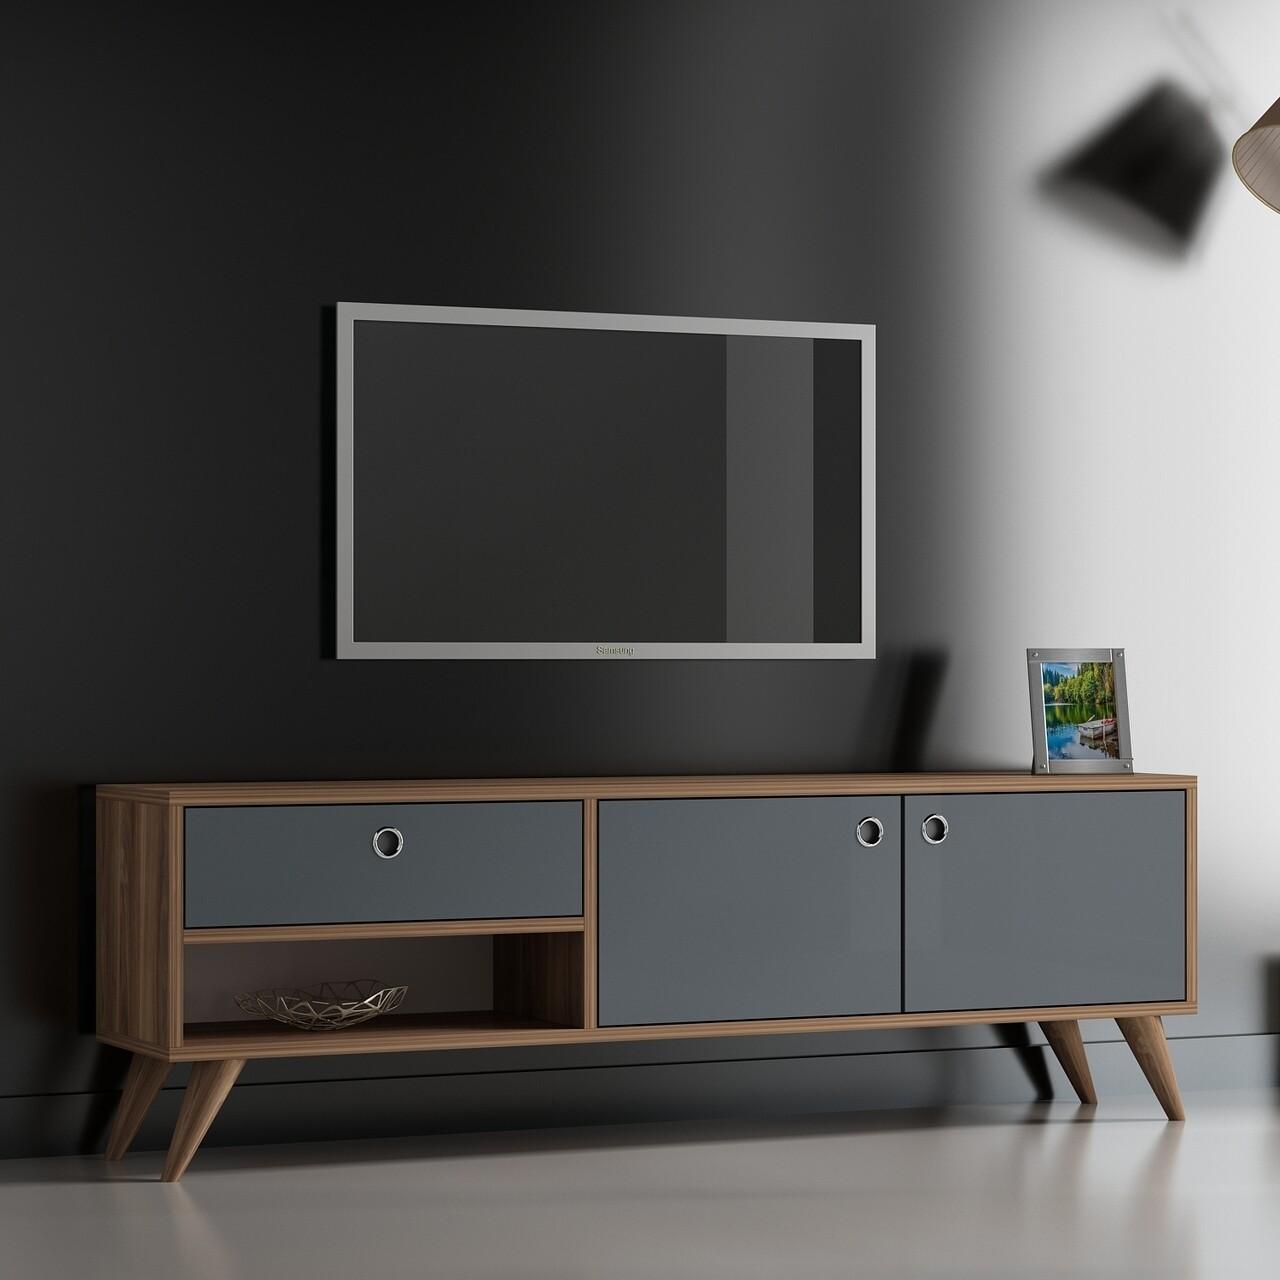 Comoda TV CELESSE, Gauge Concept, 150x30x48 cm, PAL, aluna/antracit